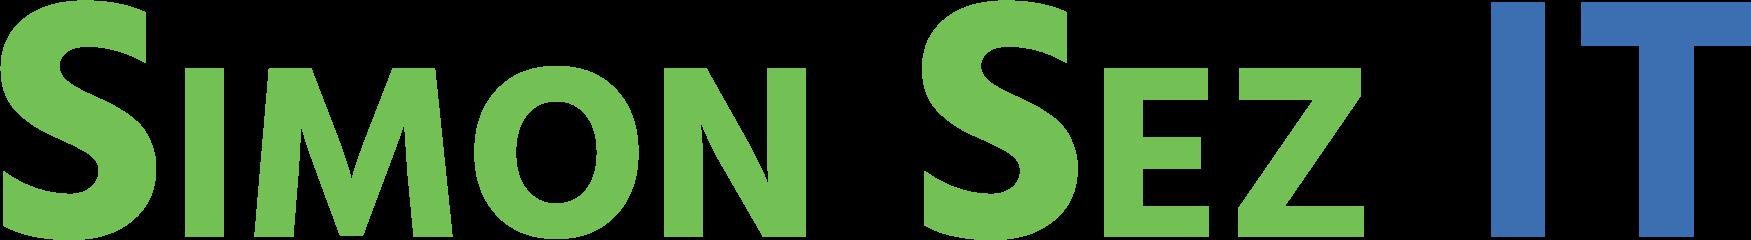 Simon Sez Logo